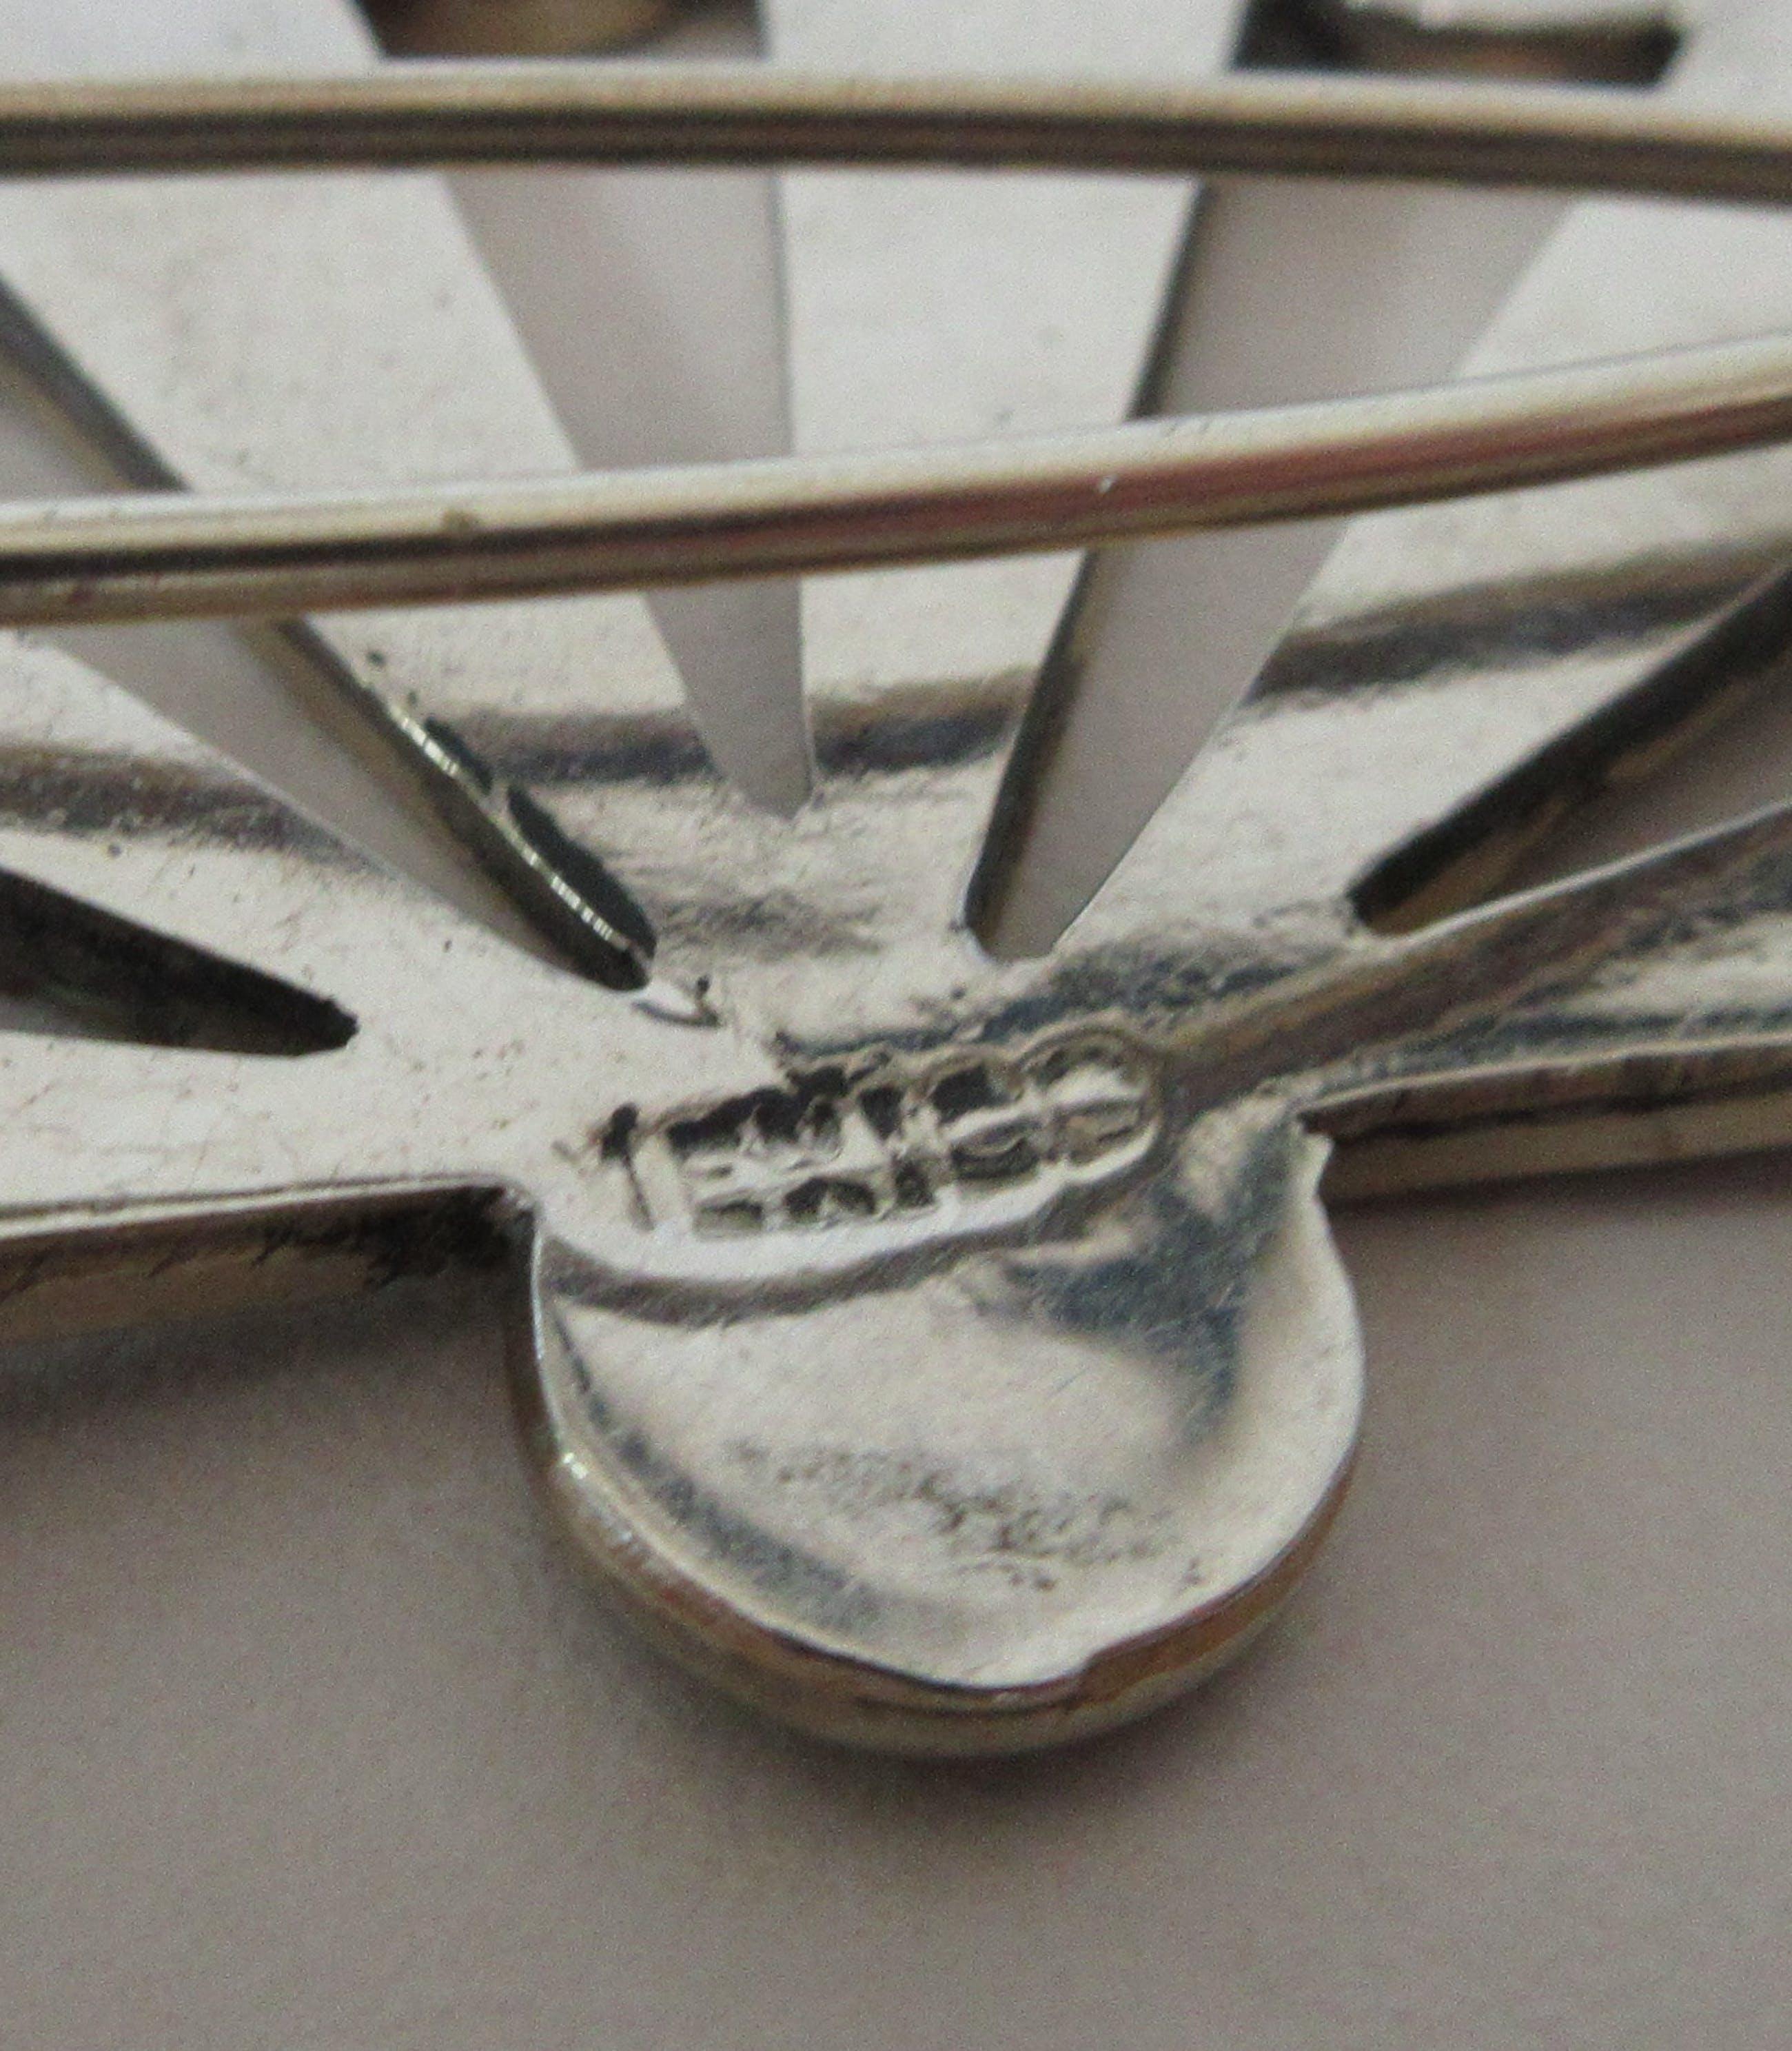 Niet of onleesbaar gesigneerd - Zilveren broche ingelegd met parelmoer uit Mexico kopen? Bied vanaf 1!